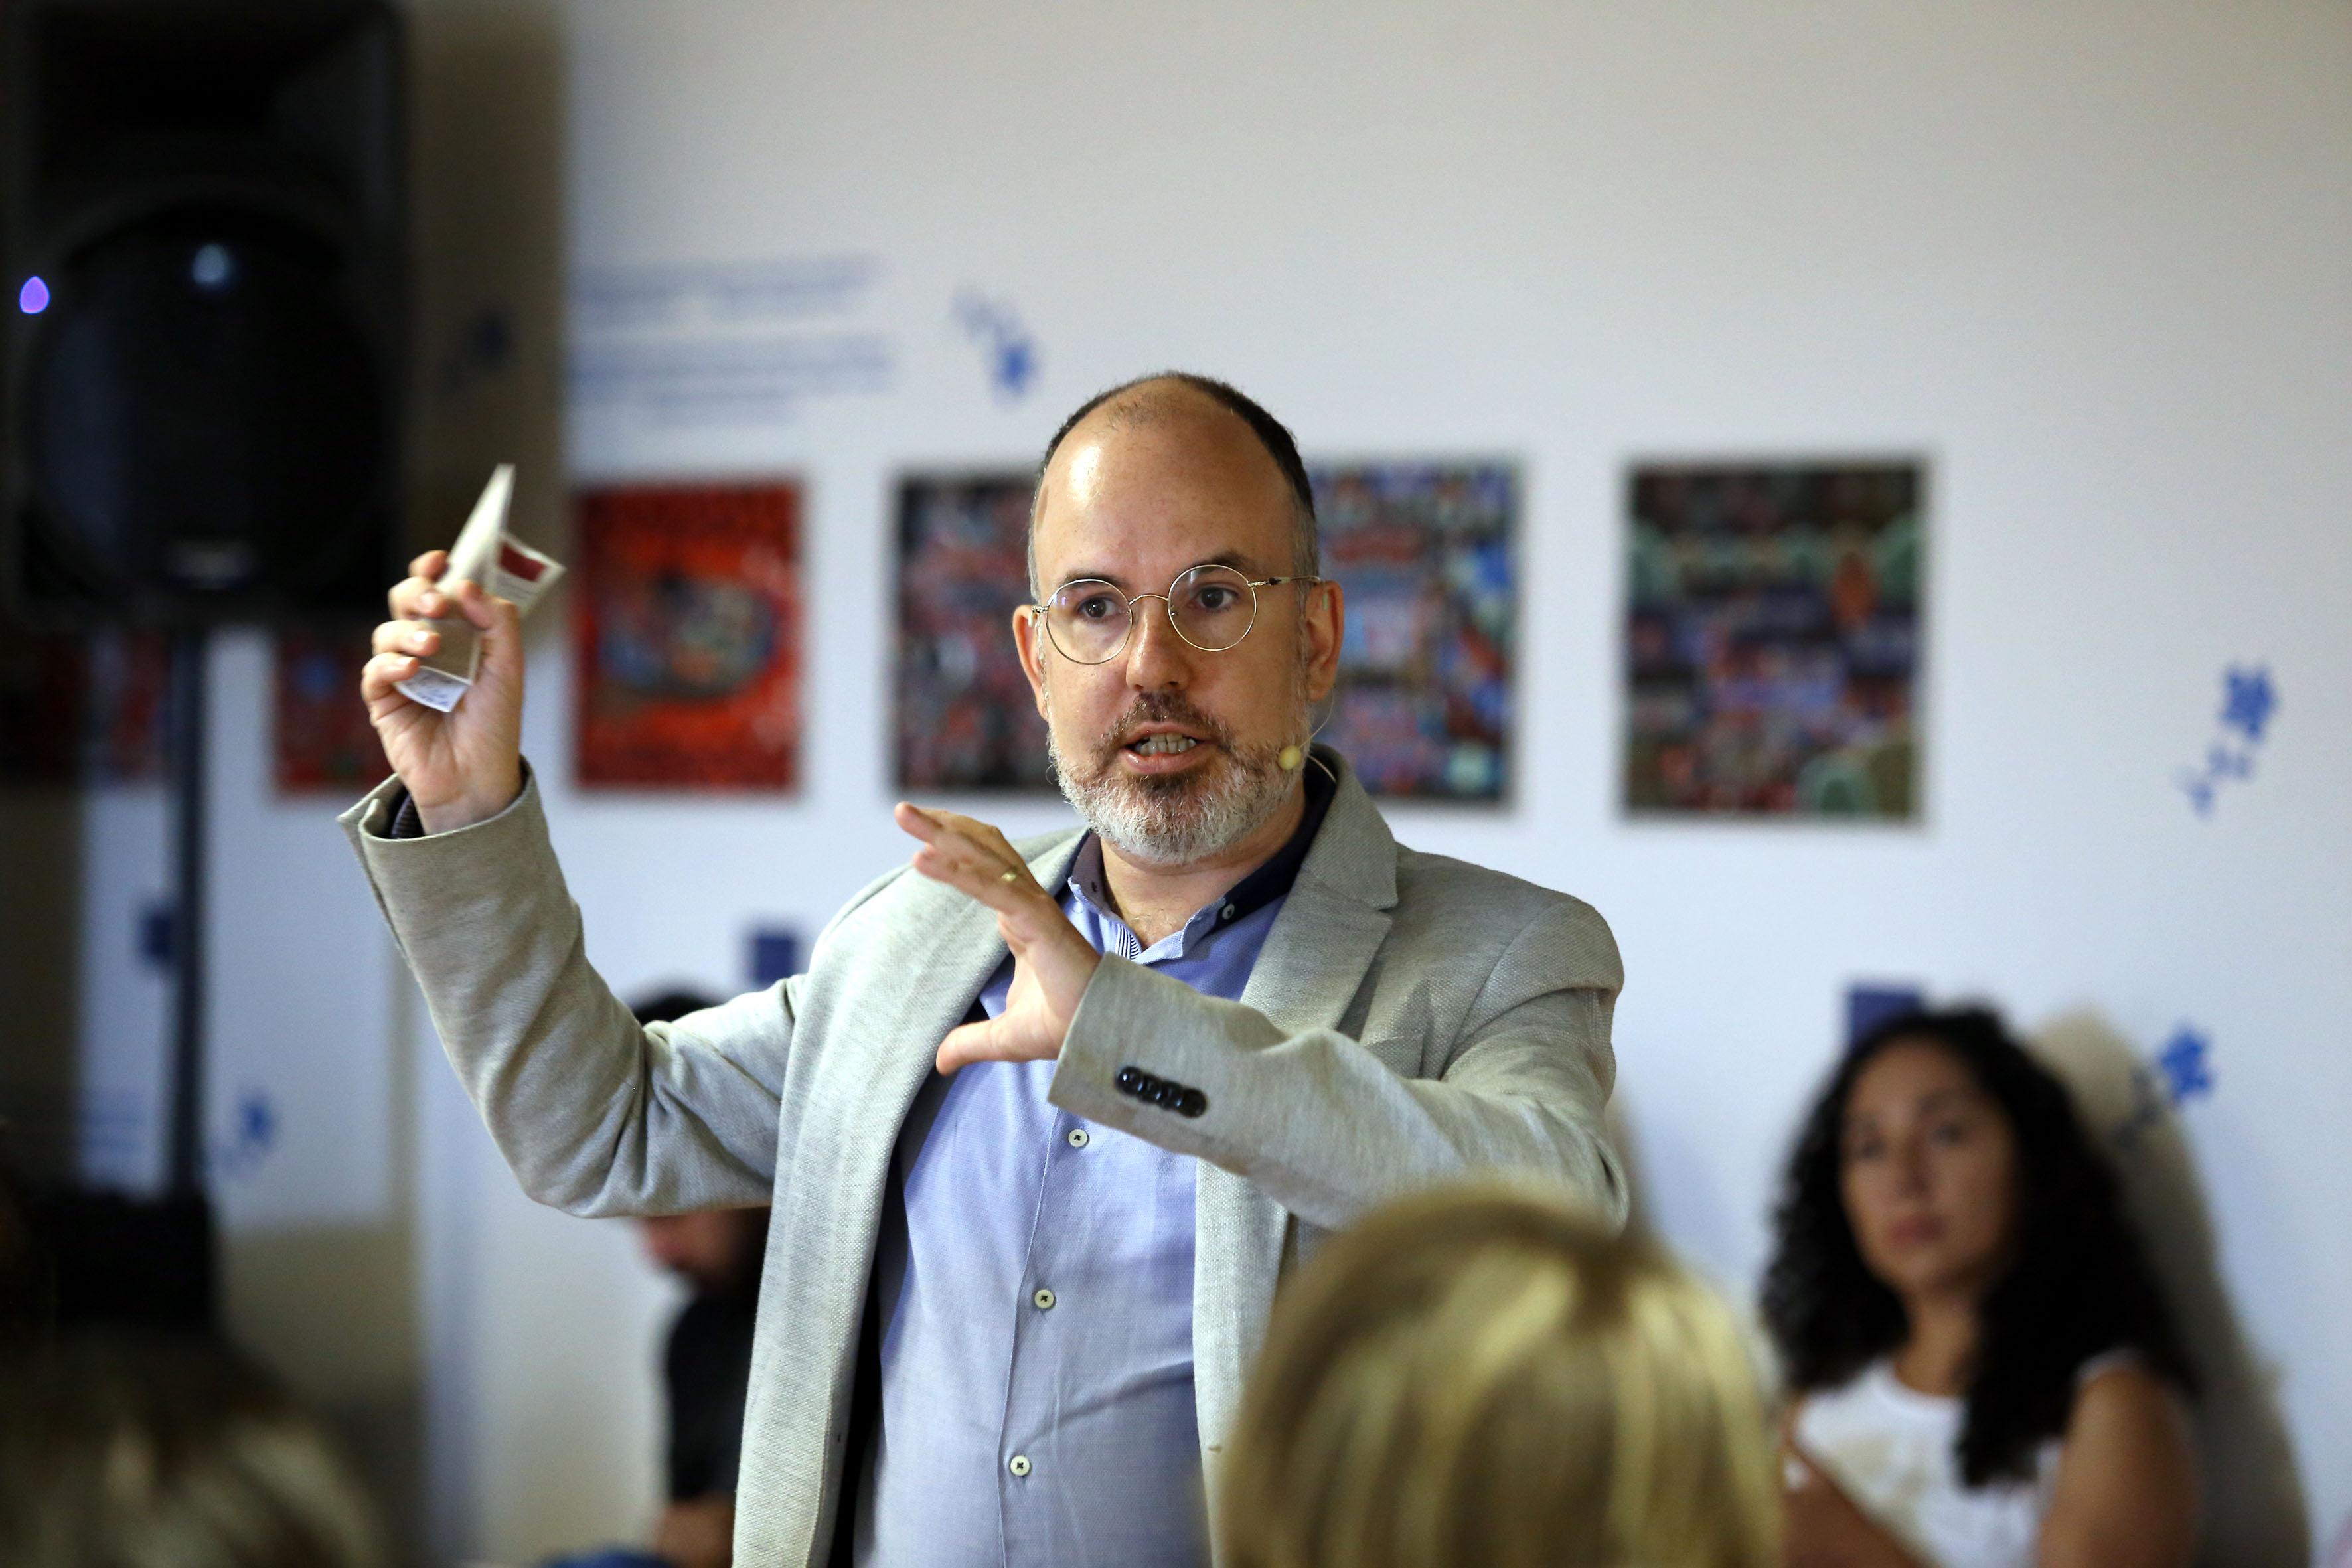 Director de Global Strategic Initiatives at ESADE Business School in Barcelona, maestro Iván Bofarull, haciendo movimientos con las manos para explicar durante su curso-taller.